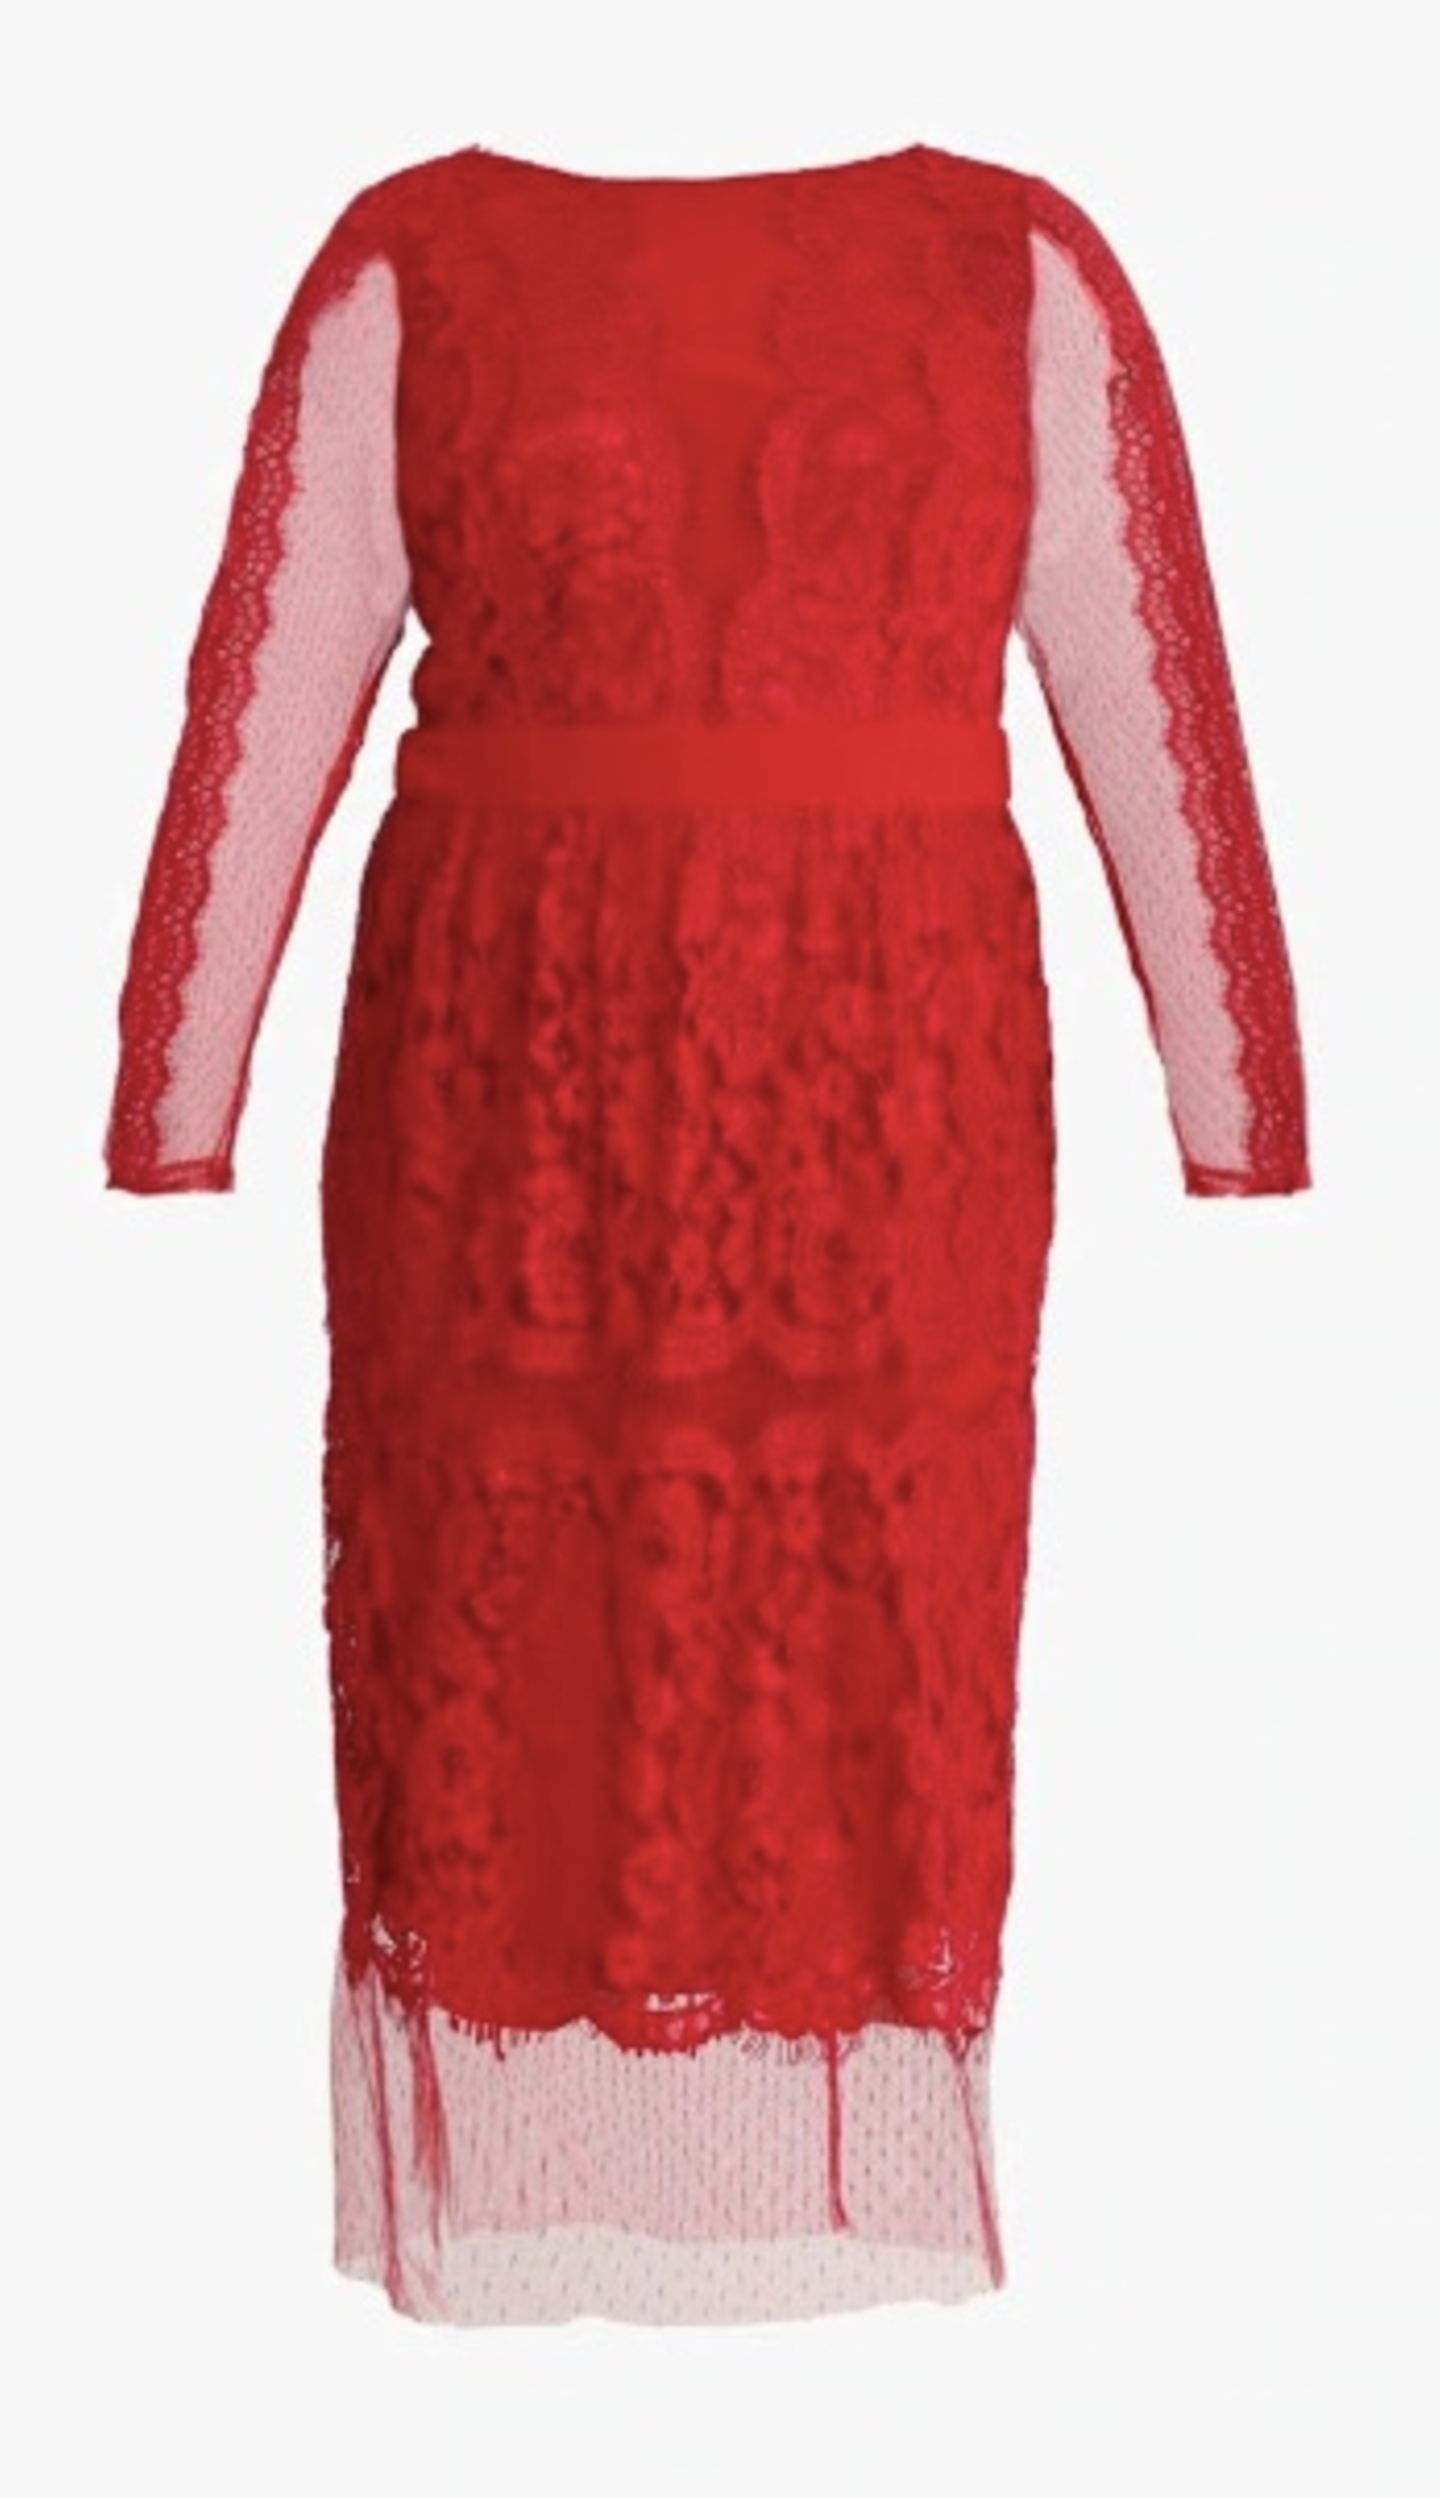 Festtags-Kleider für kurvige Frauen